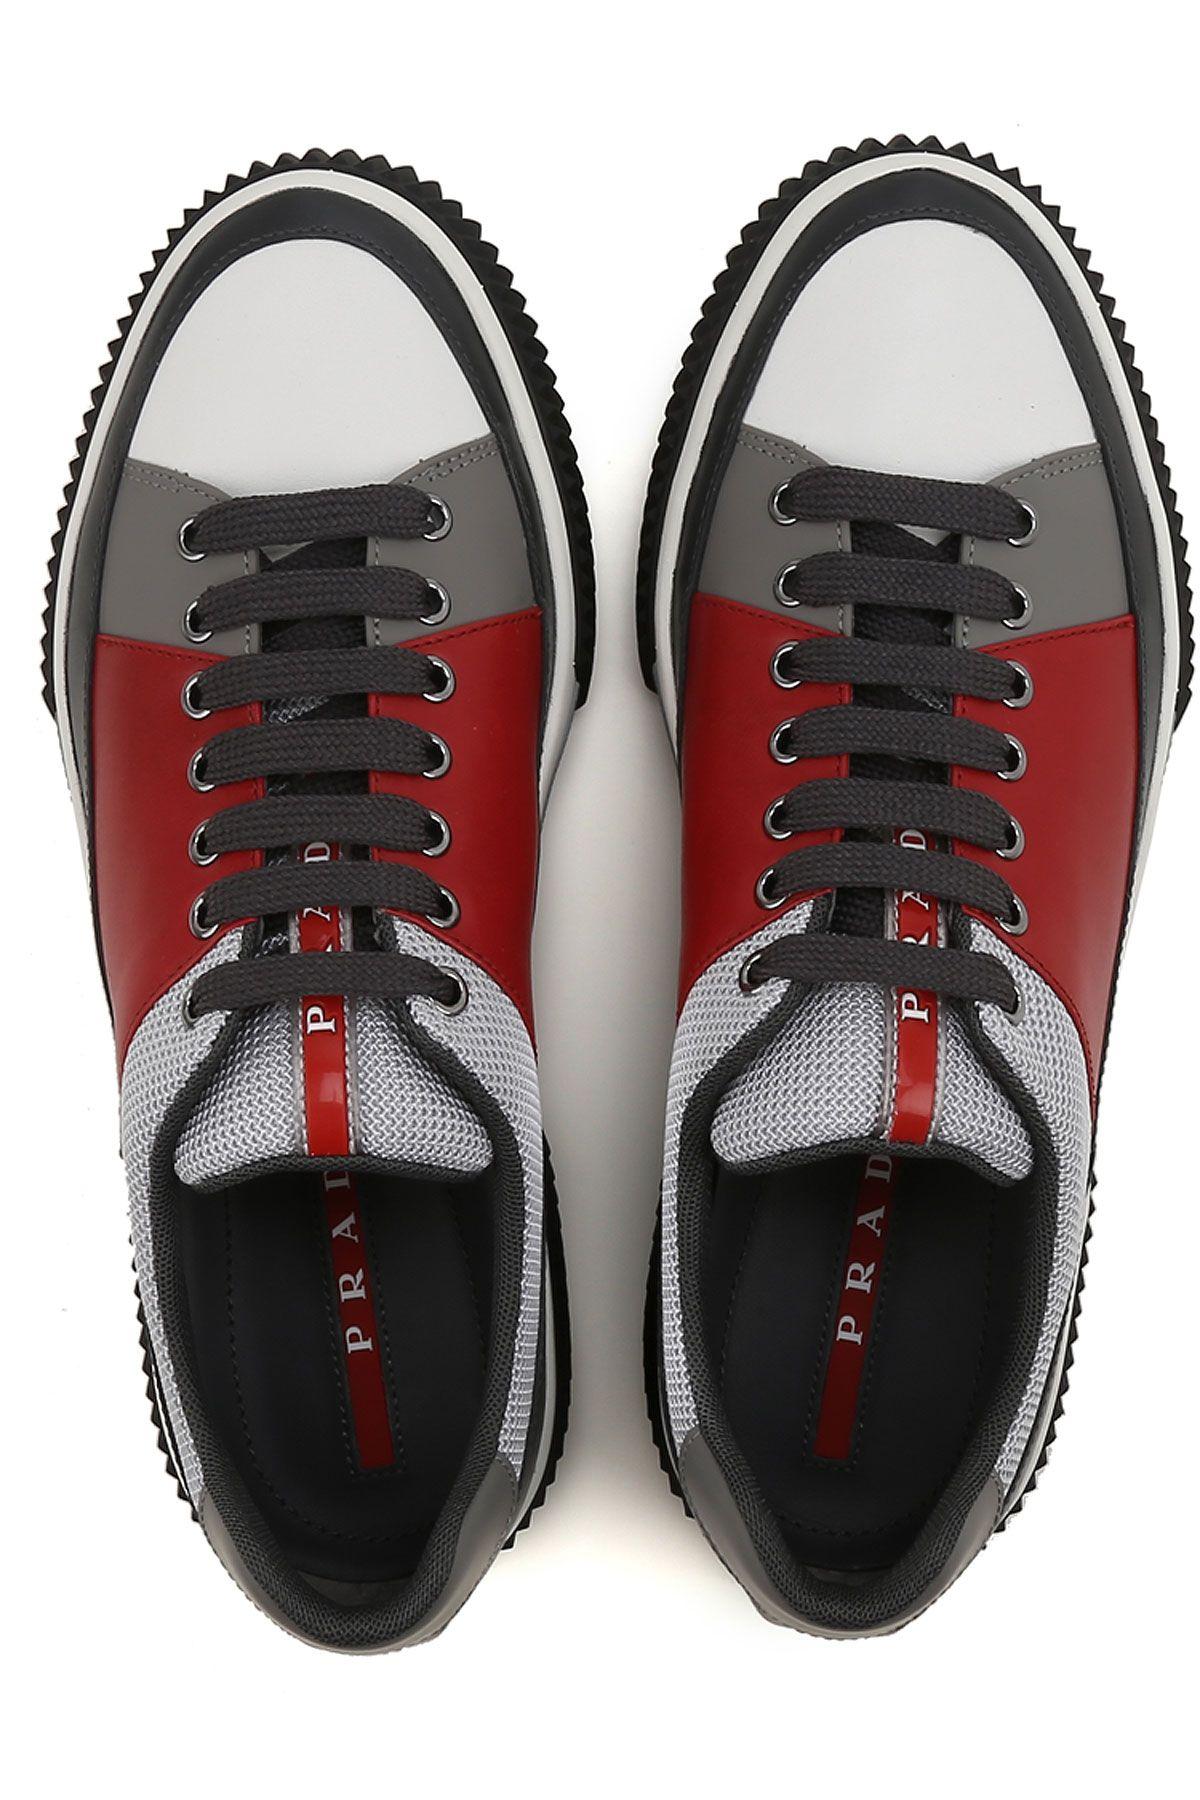 Prada sneakers for men, Prada men shoes